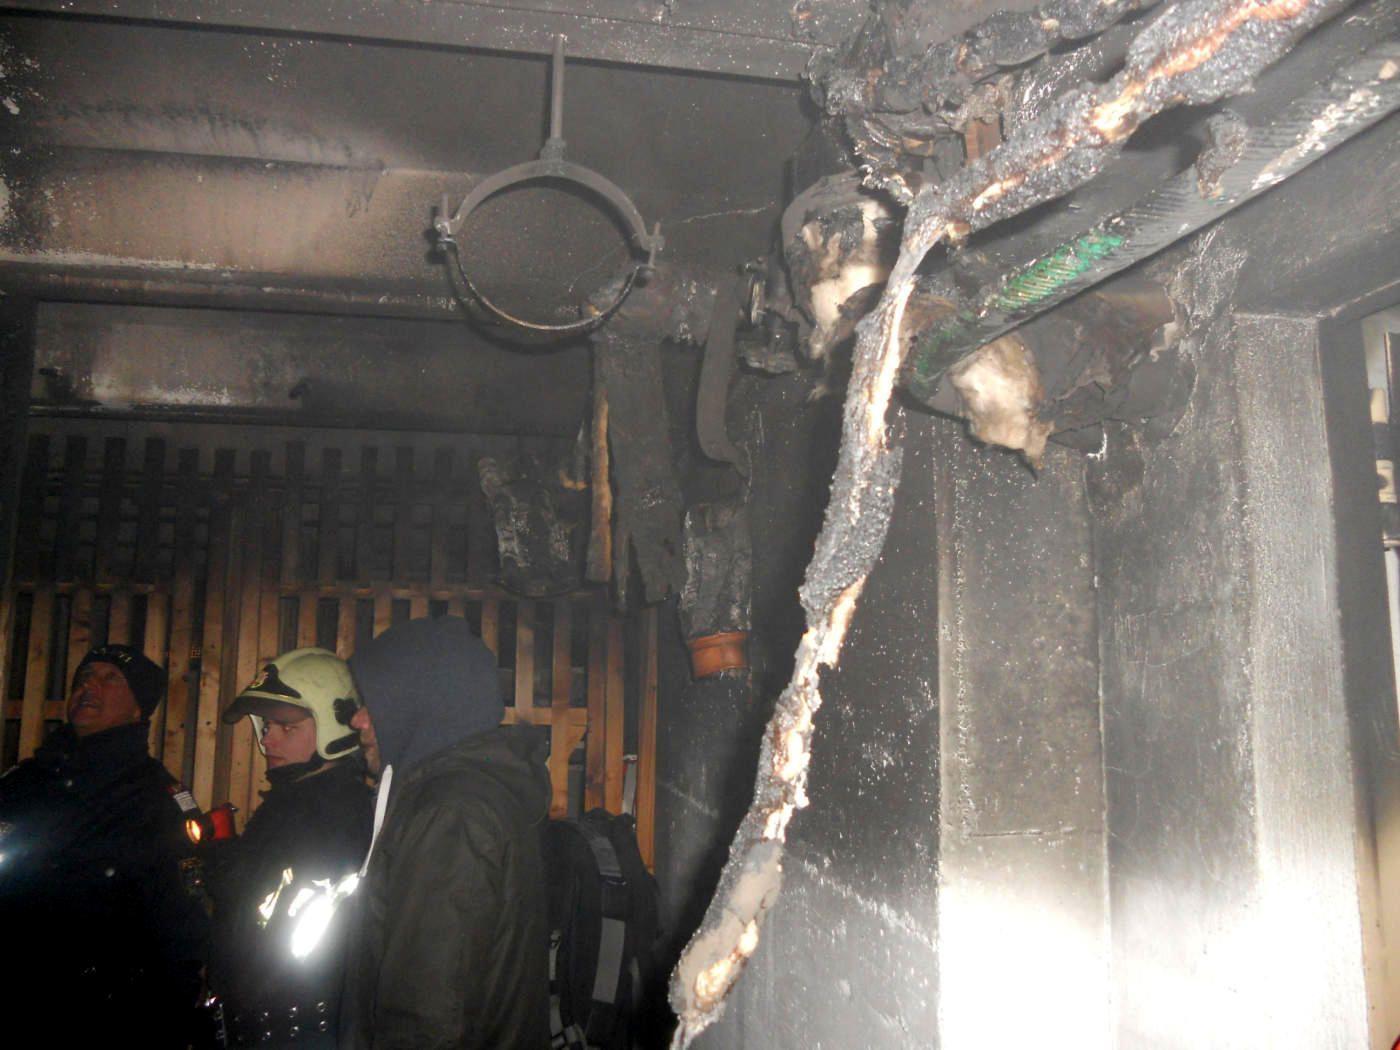 Noch ein Kellerabteil im selben Haus in der Pichlergasse abgebrannt